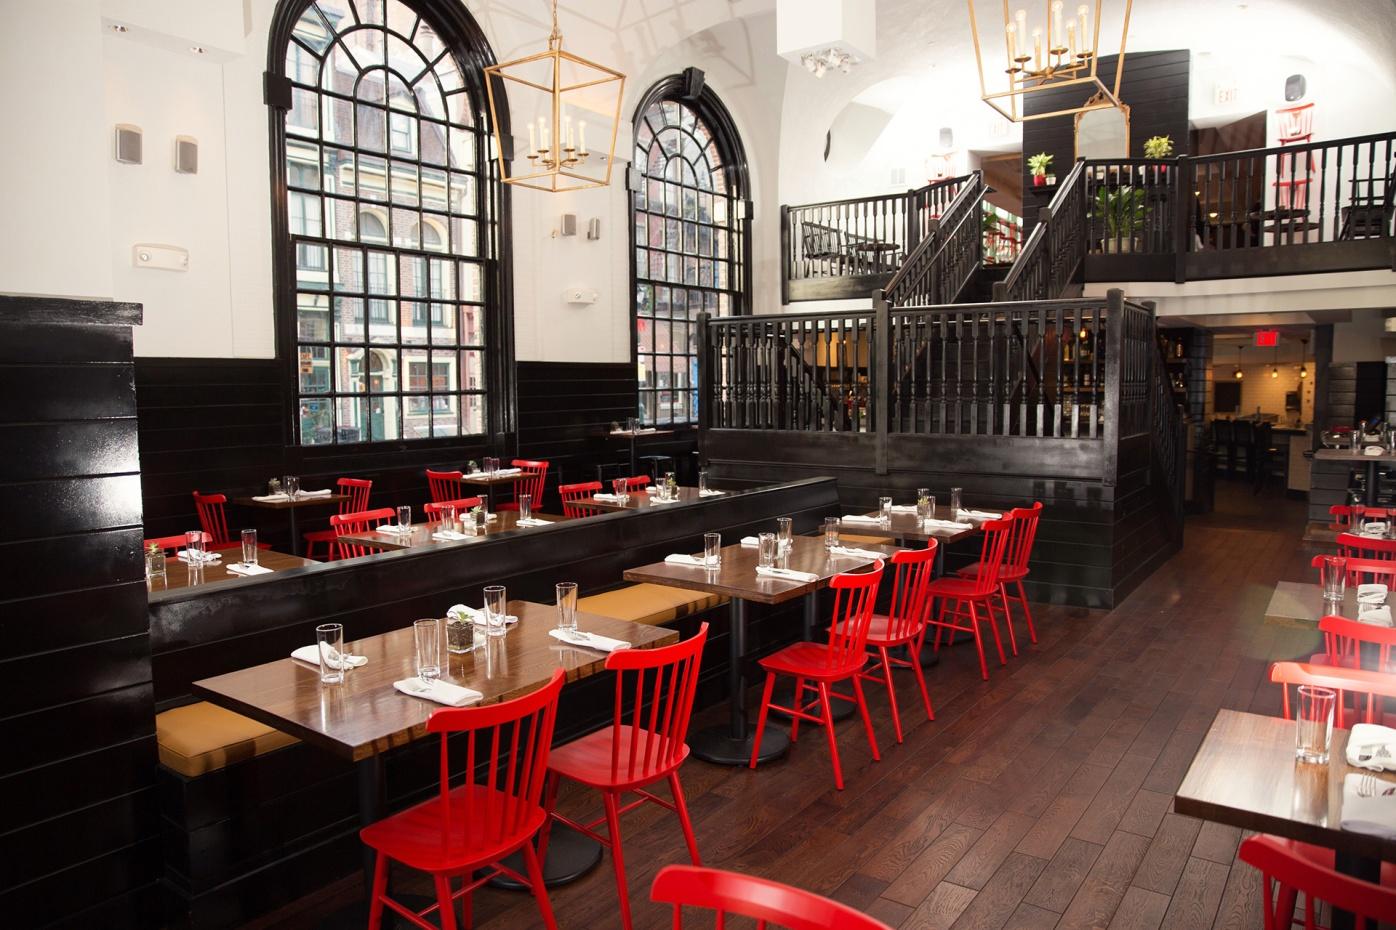 interior-little-lion-restaurant-2